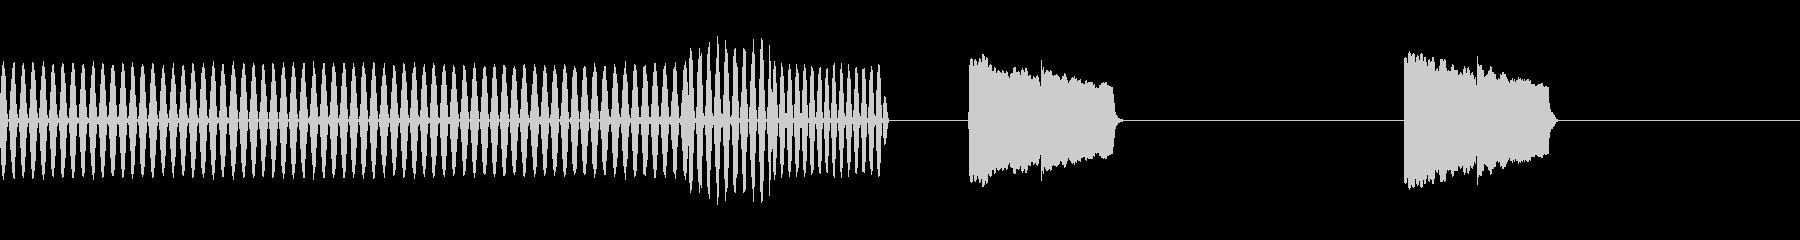 スキャニング(検索、探索)の未再生の波形